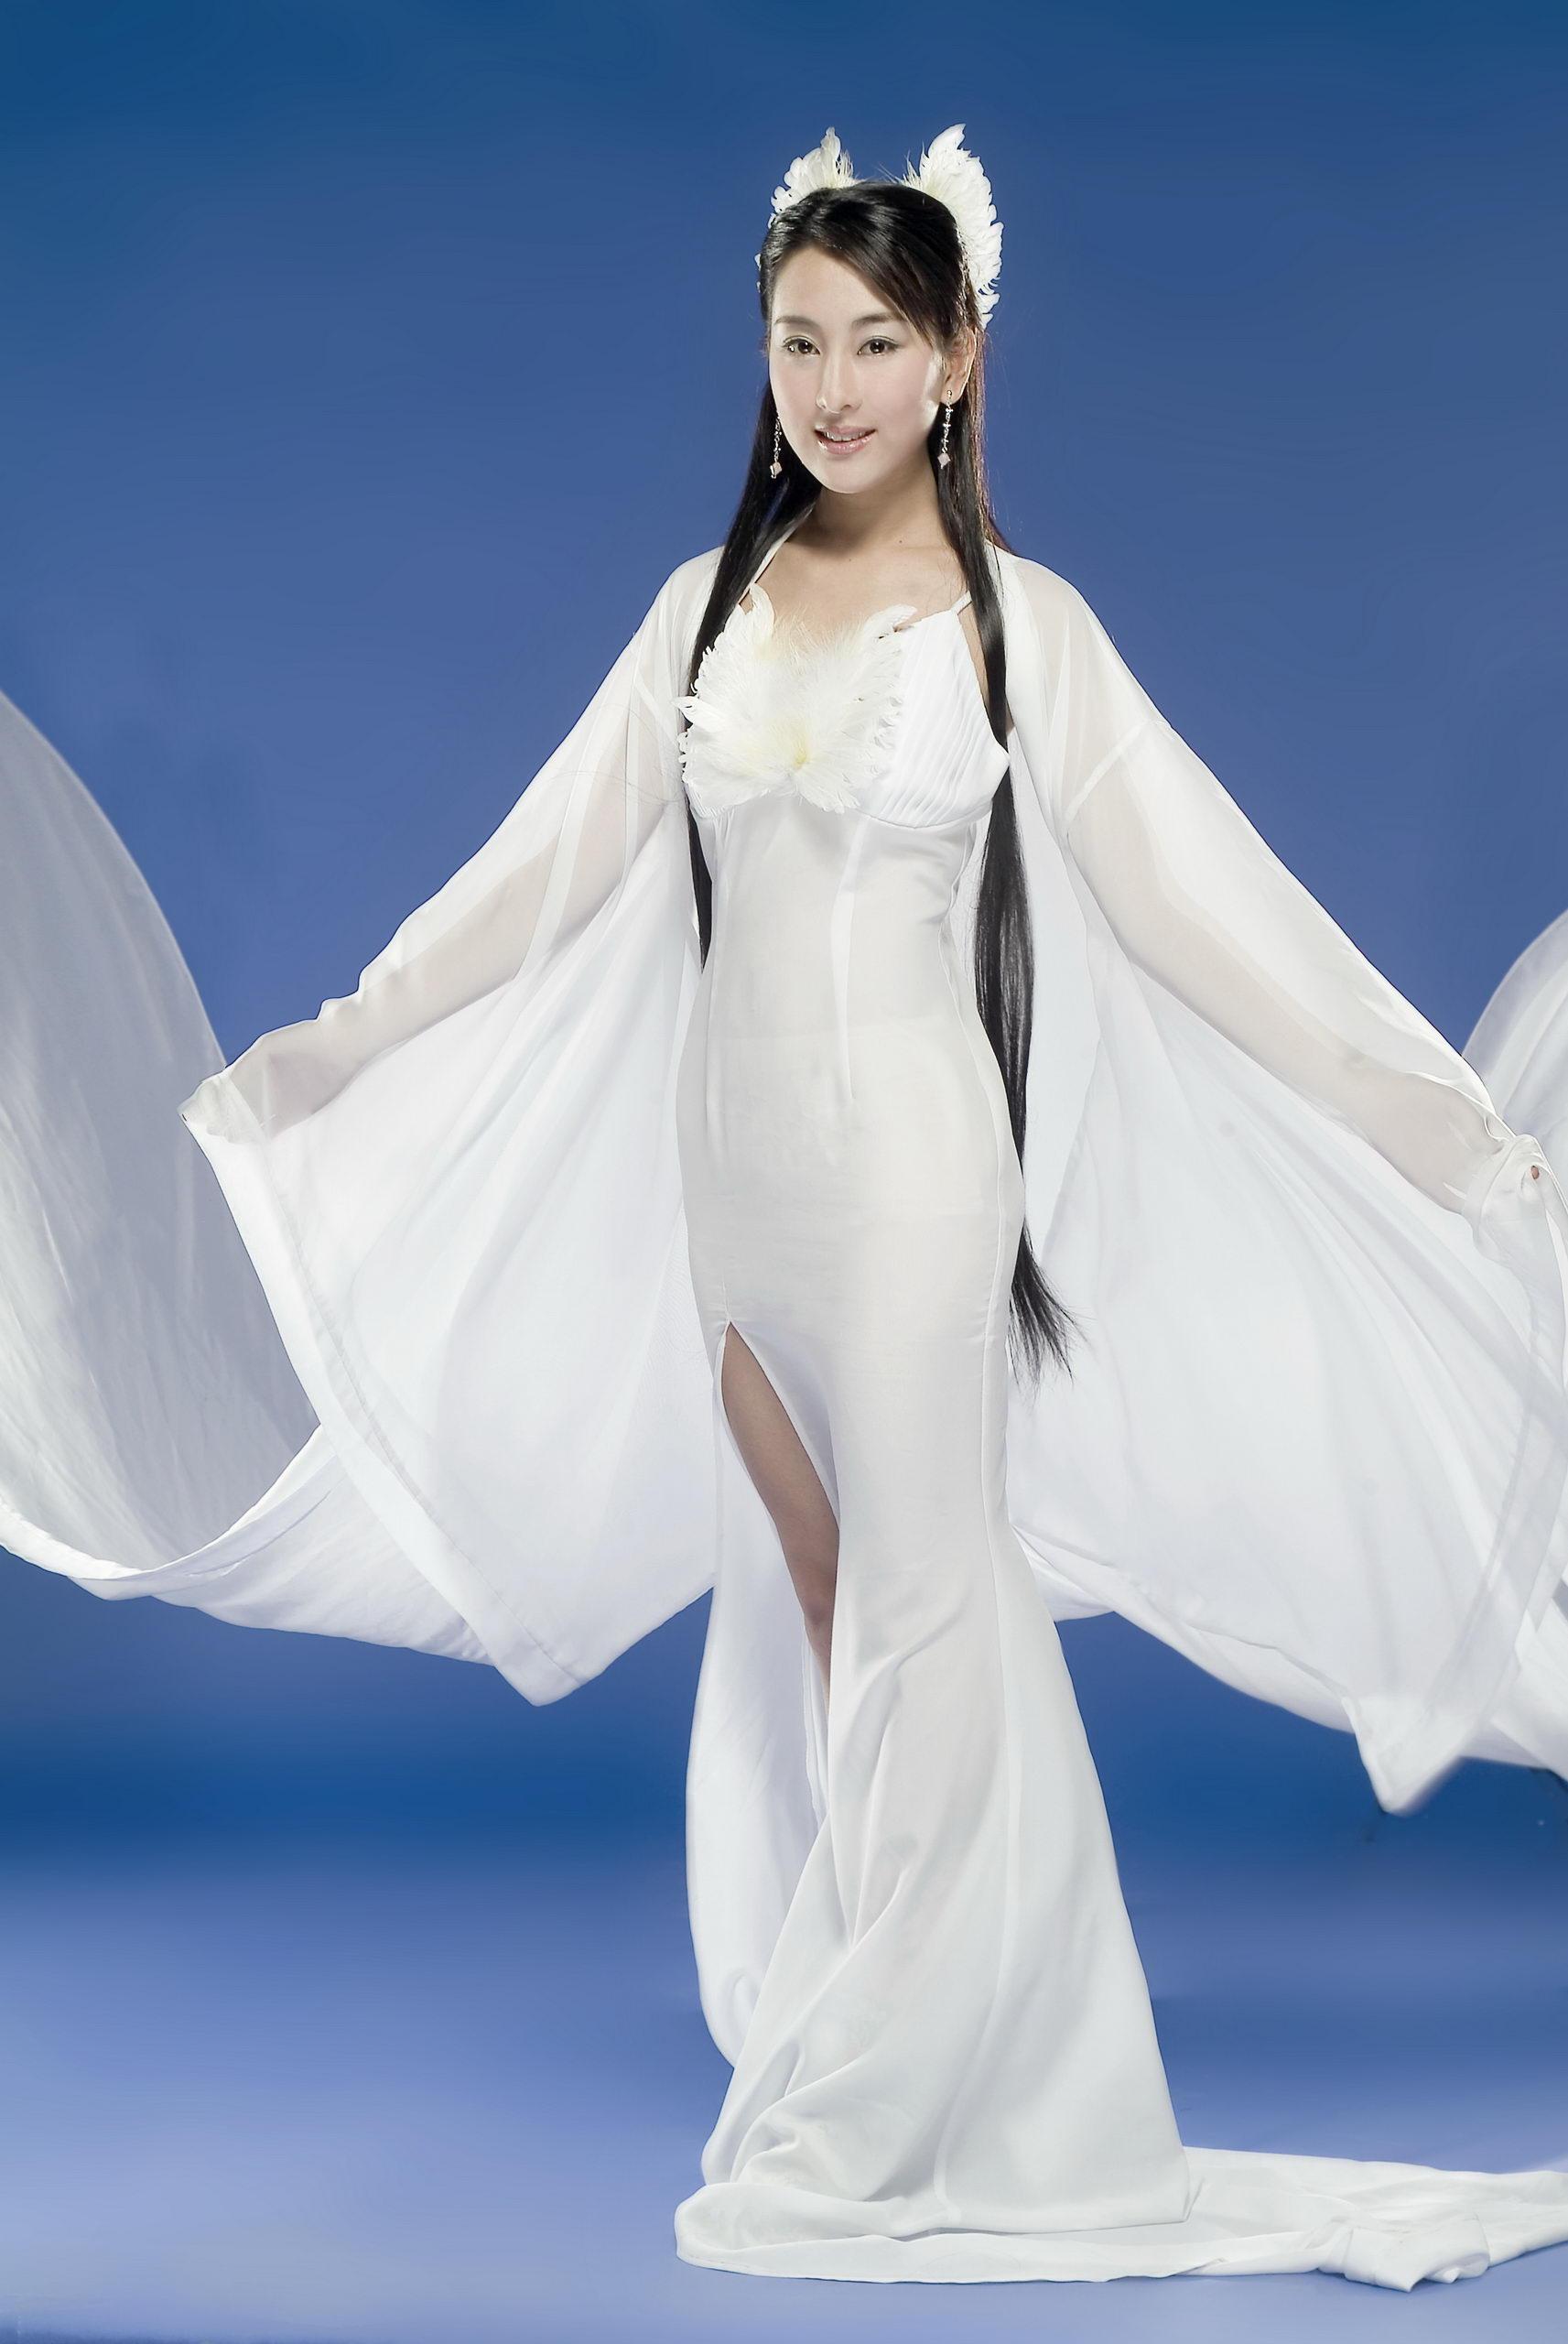 美女明星马苏——高清大图1713X2560 28P(第二页) - 美女贴图 - 华声论坛